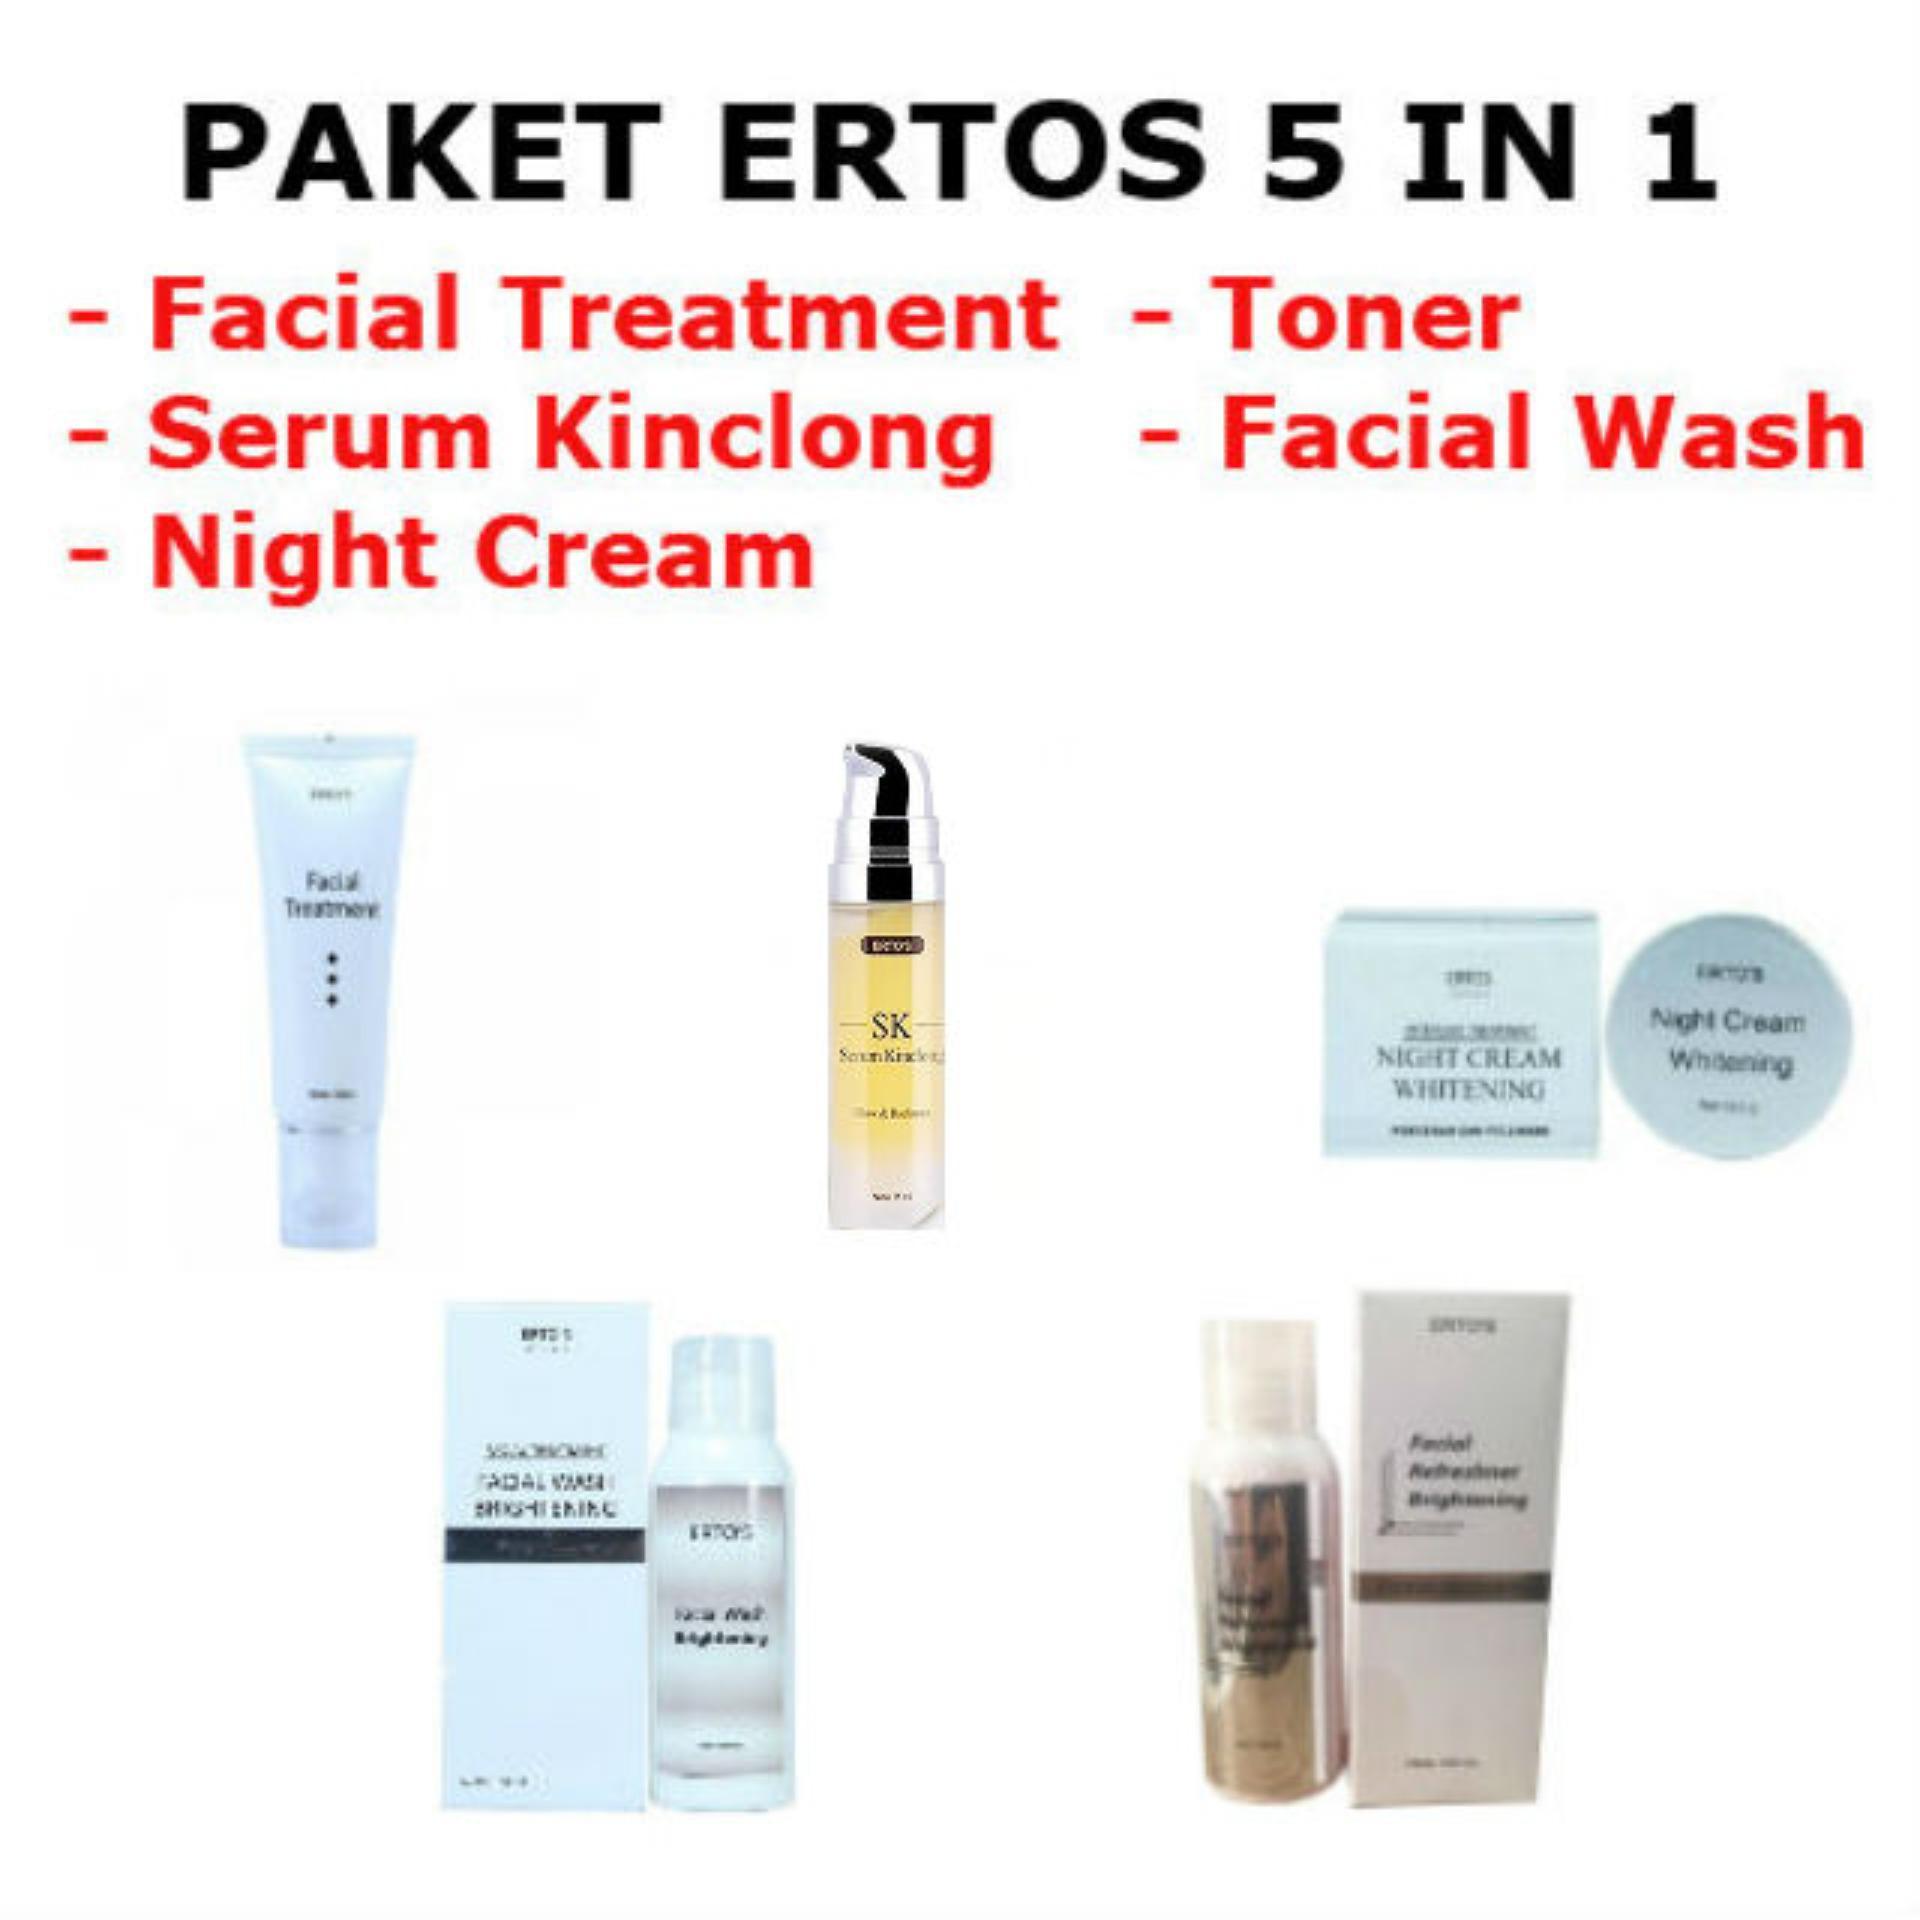 The Cheapest Price Ertos Serum Kinclong Sk Pencerah Wajah Skincare Original Paket 5 In 1 Dijamin Garansi Uang Kembali